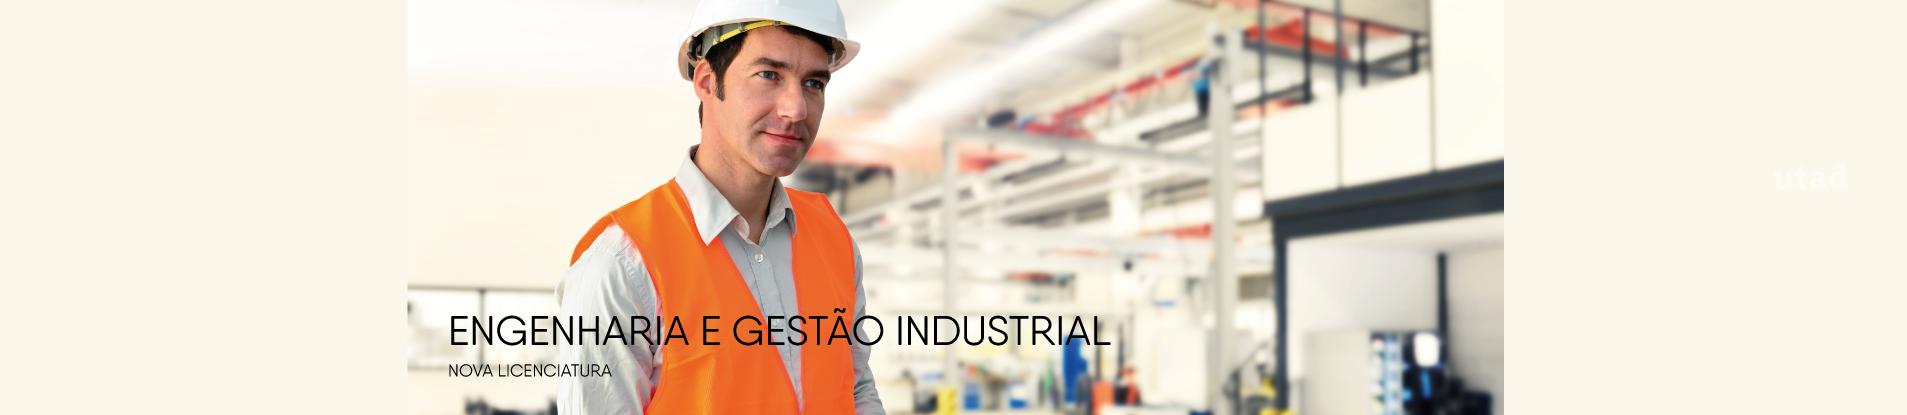 slider curso eng gestao industrial